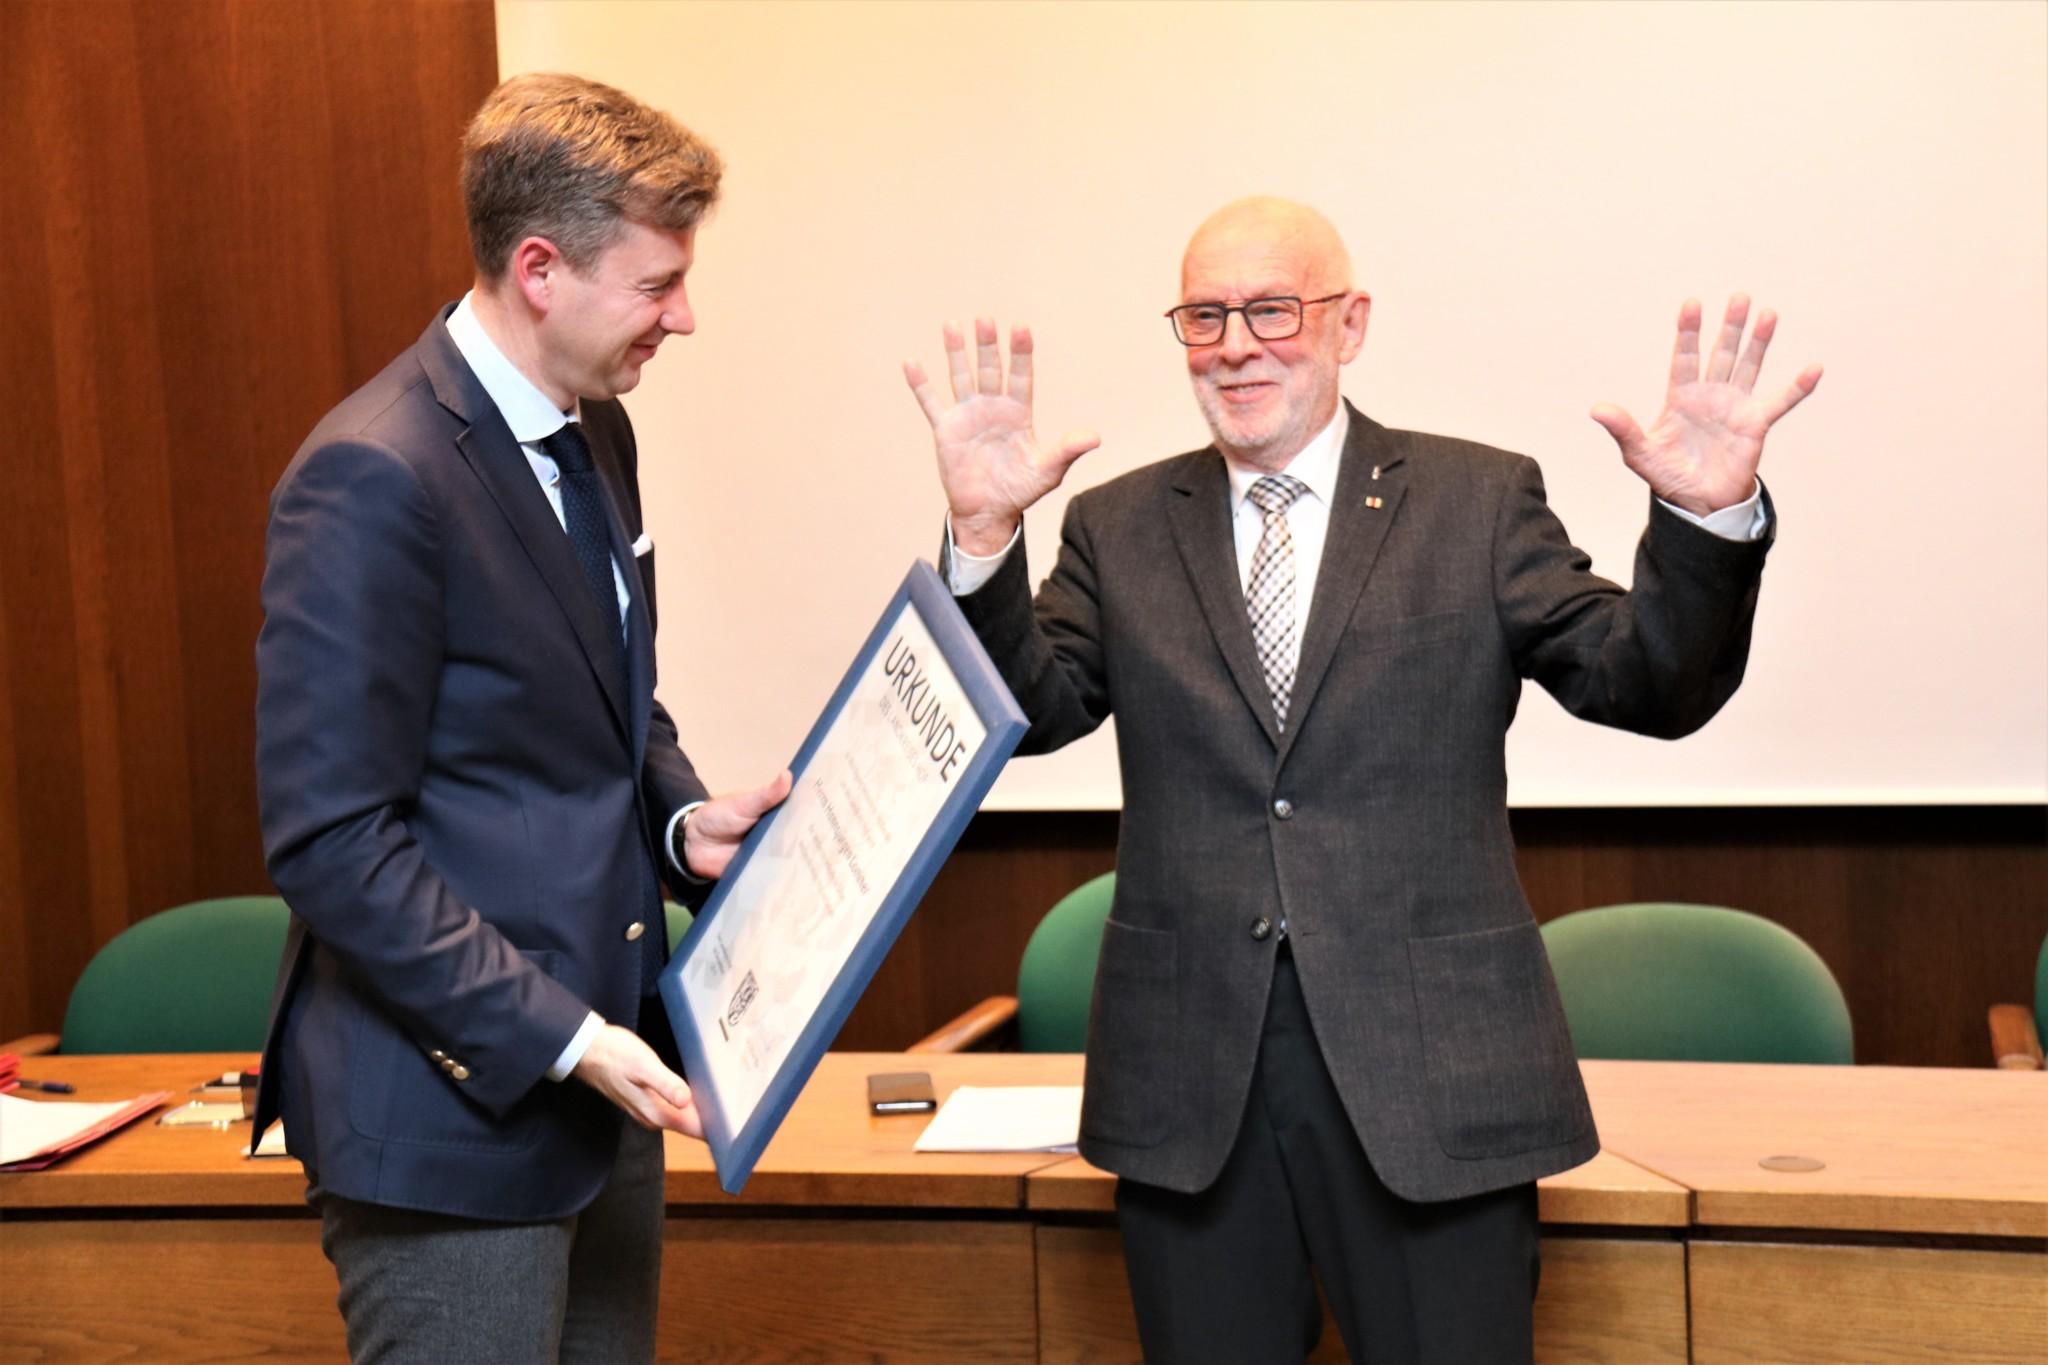 Seit 1990 im Kreistag: Hansjürgen Lommer bei der Übergabe der Urkunde